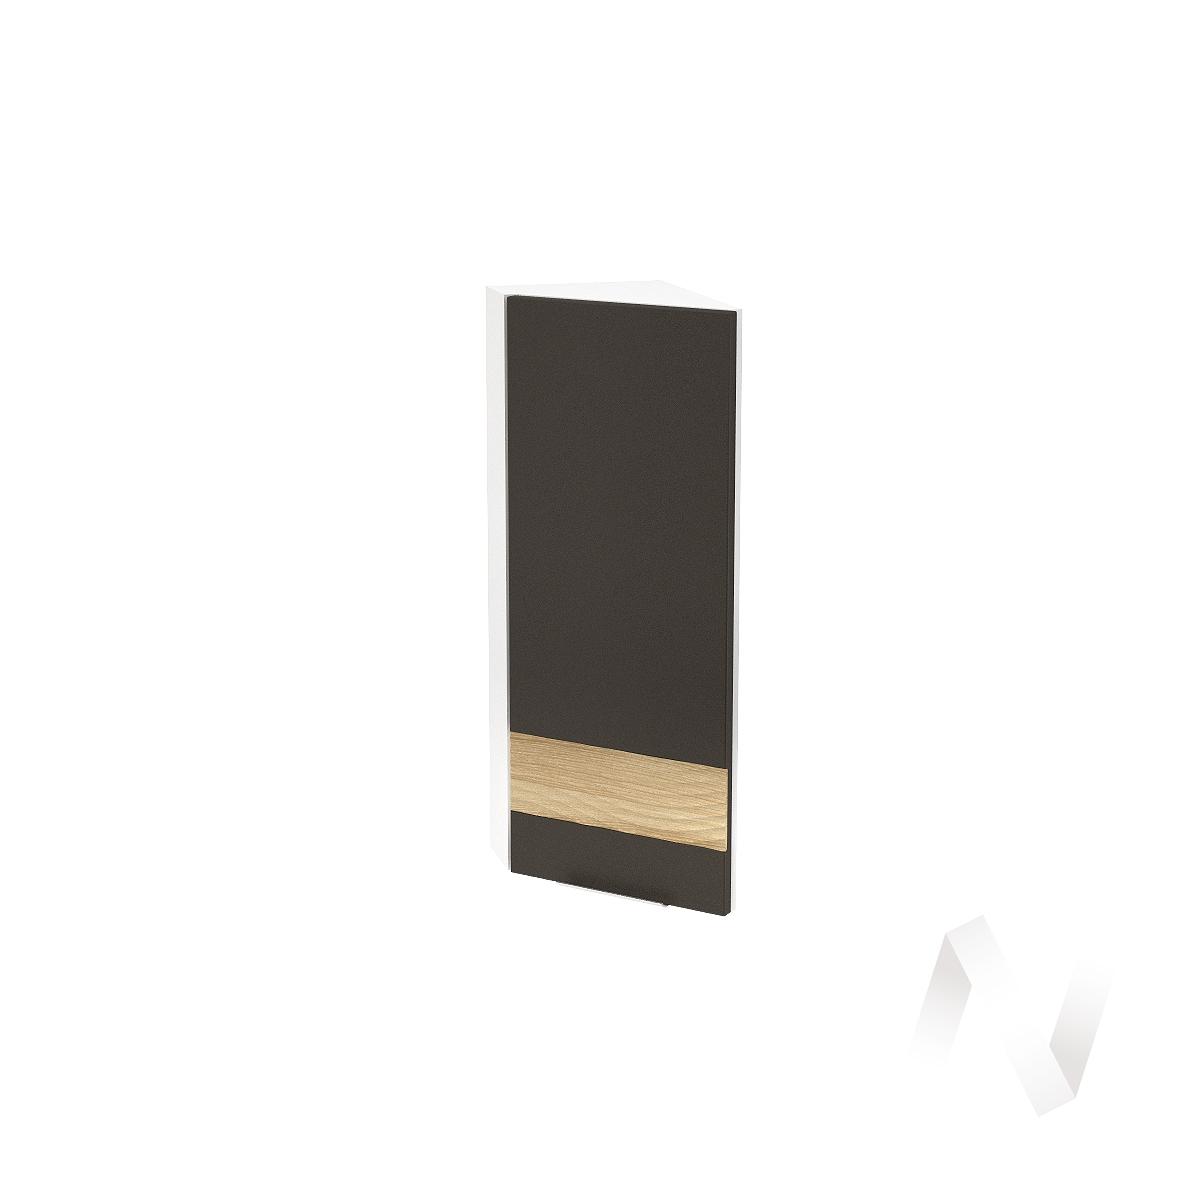 """Кухня """"Терра"""": Шкаф верхний торцевой левый 224, ШВТ 224 (смоки софт/ель карпатская/корпус белый)"""